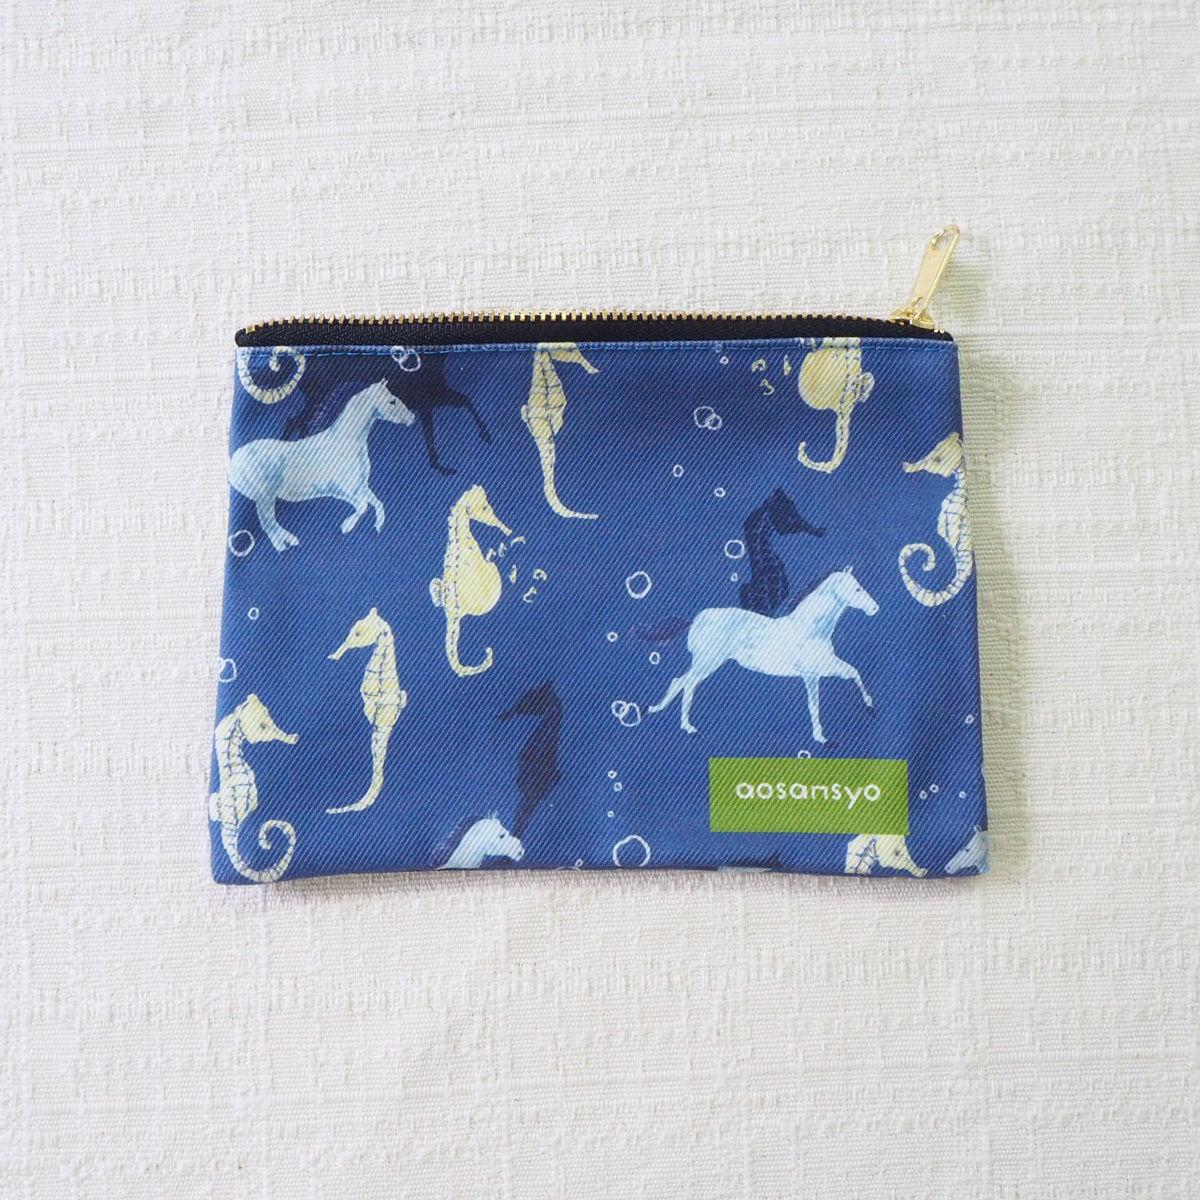 ポーチ(小)horse & sea horse(馬とタツノオトシゴ)ブルー